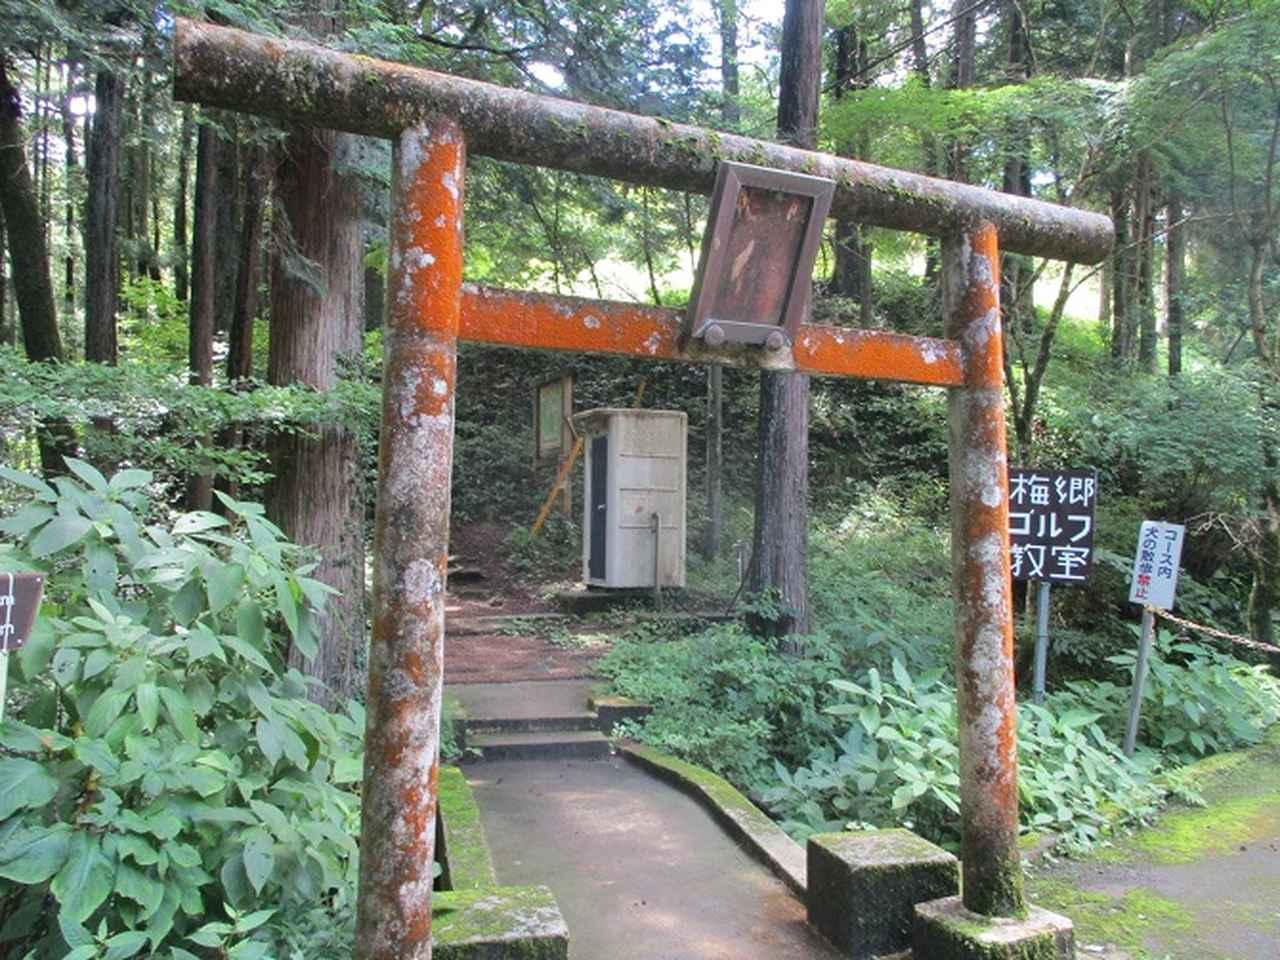 画像12: 8月の山旅会 「日の出山」 ツアーの下見に行ってきました!